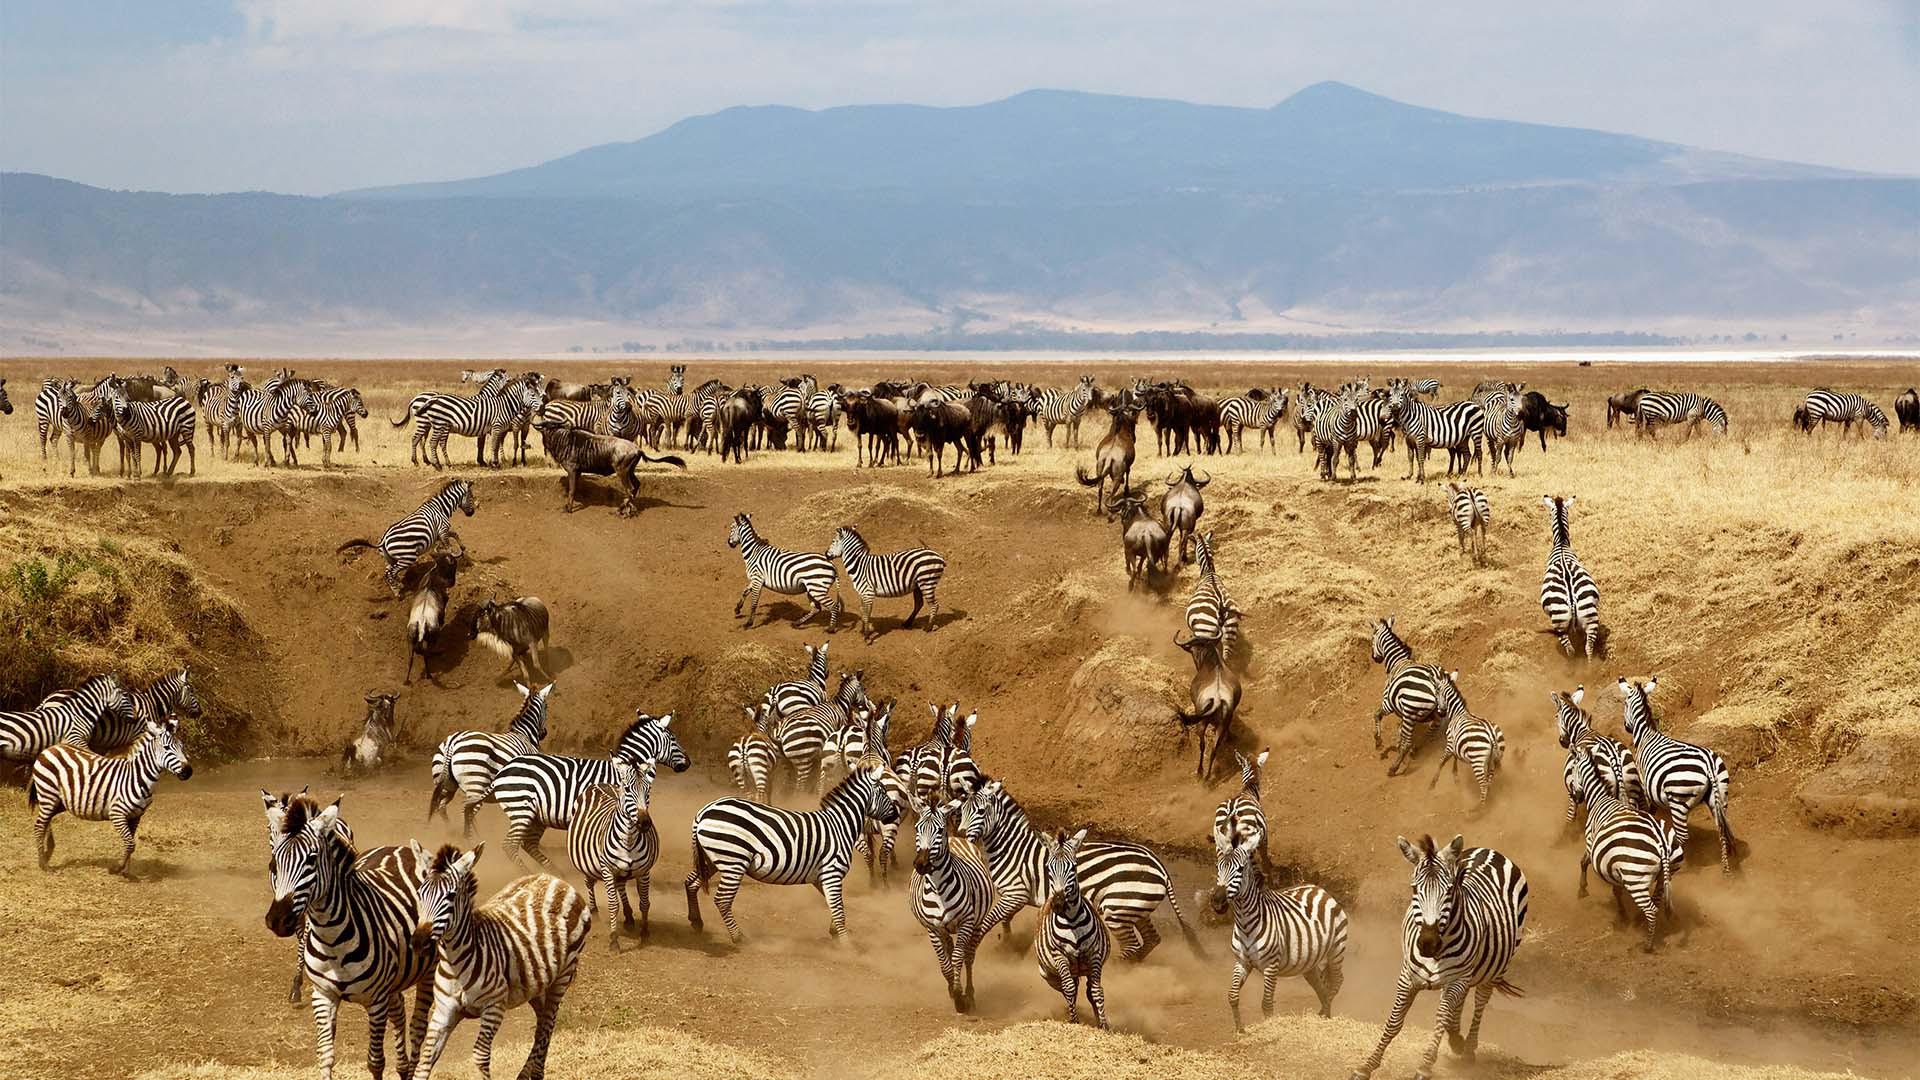 A herd of wild zebra in Tanzania's Ngorongoro Crater